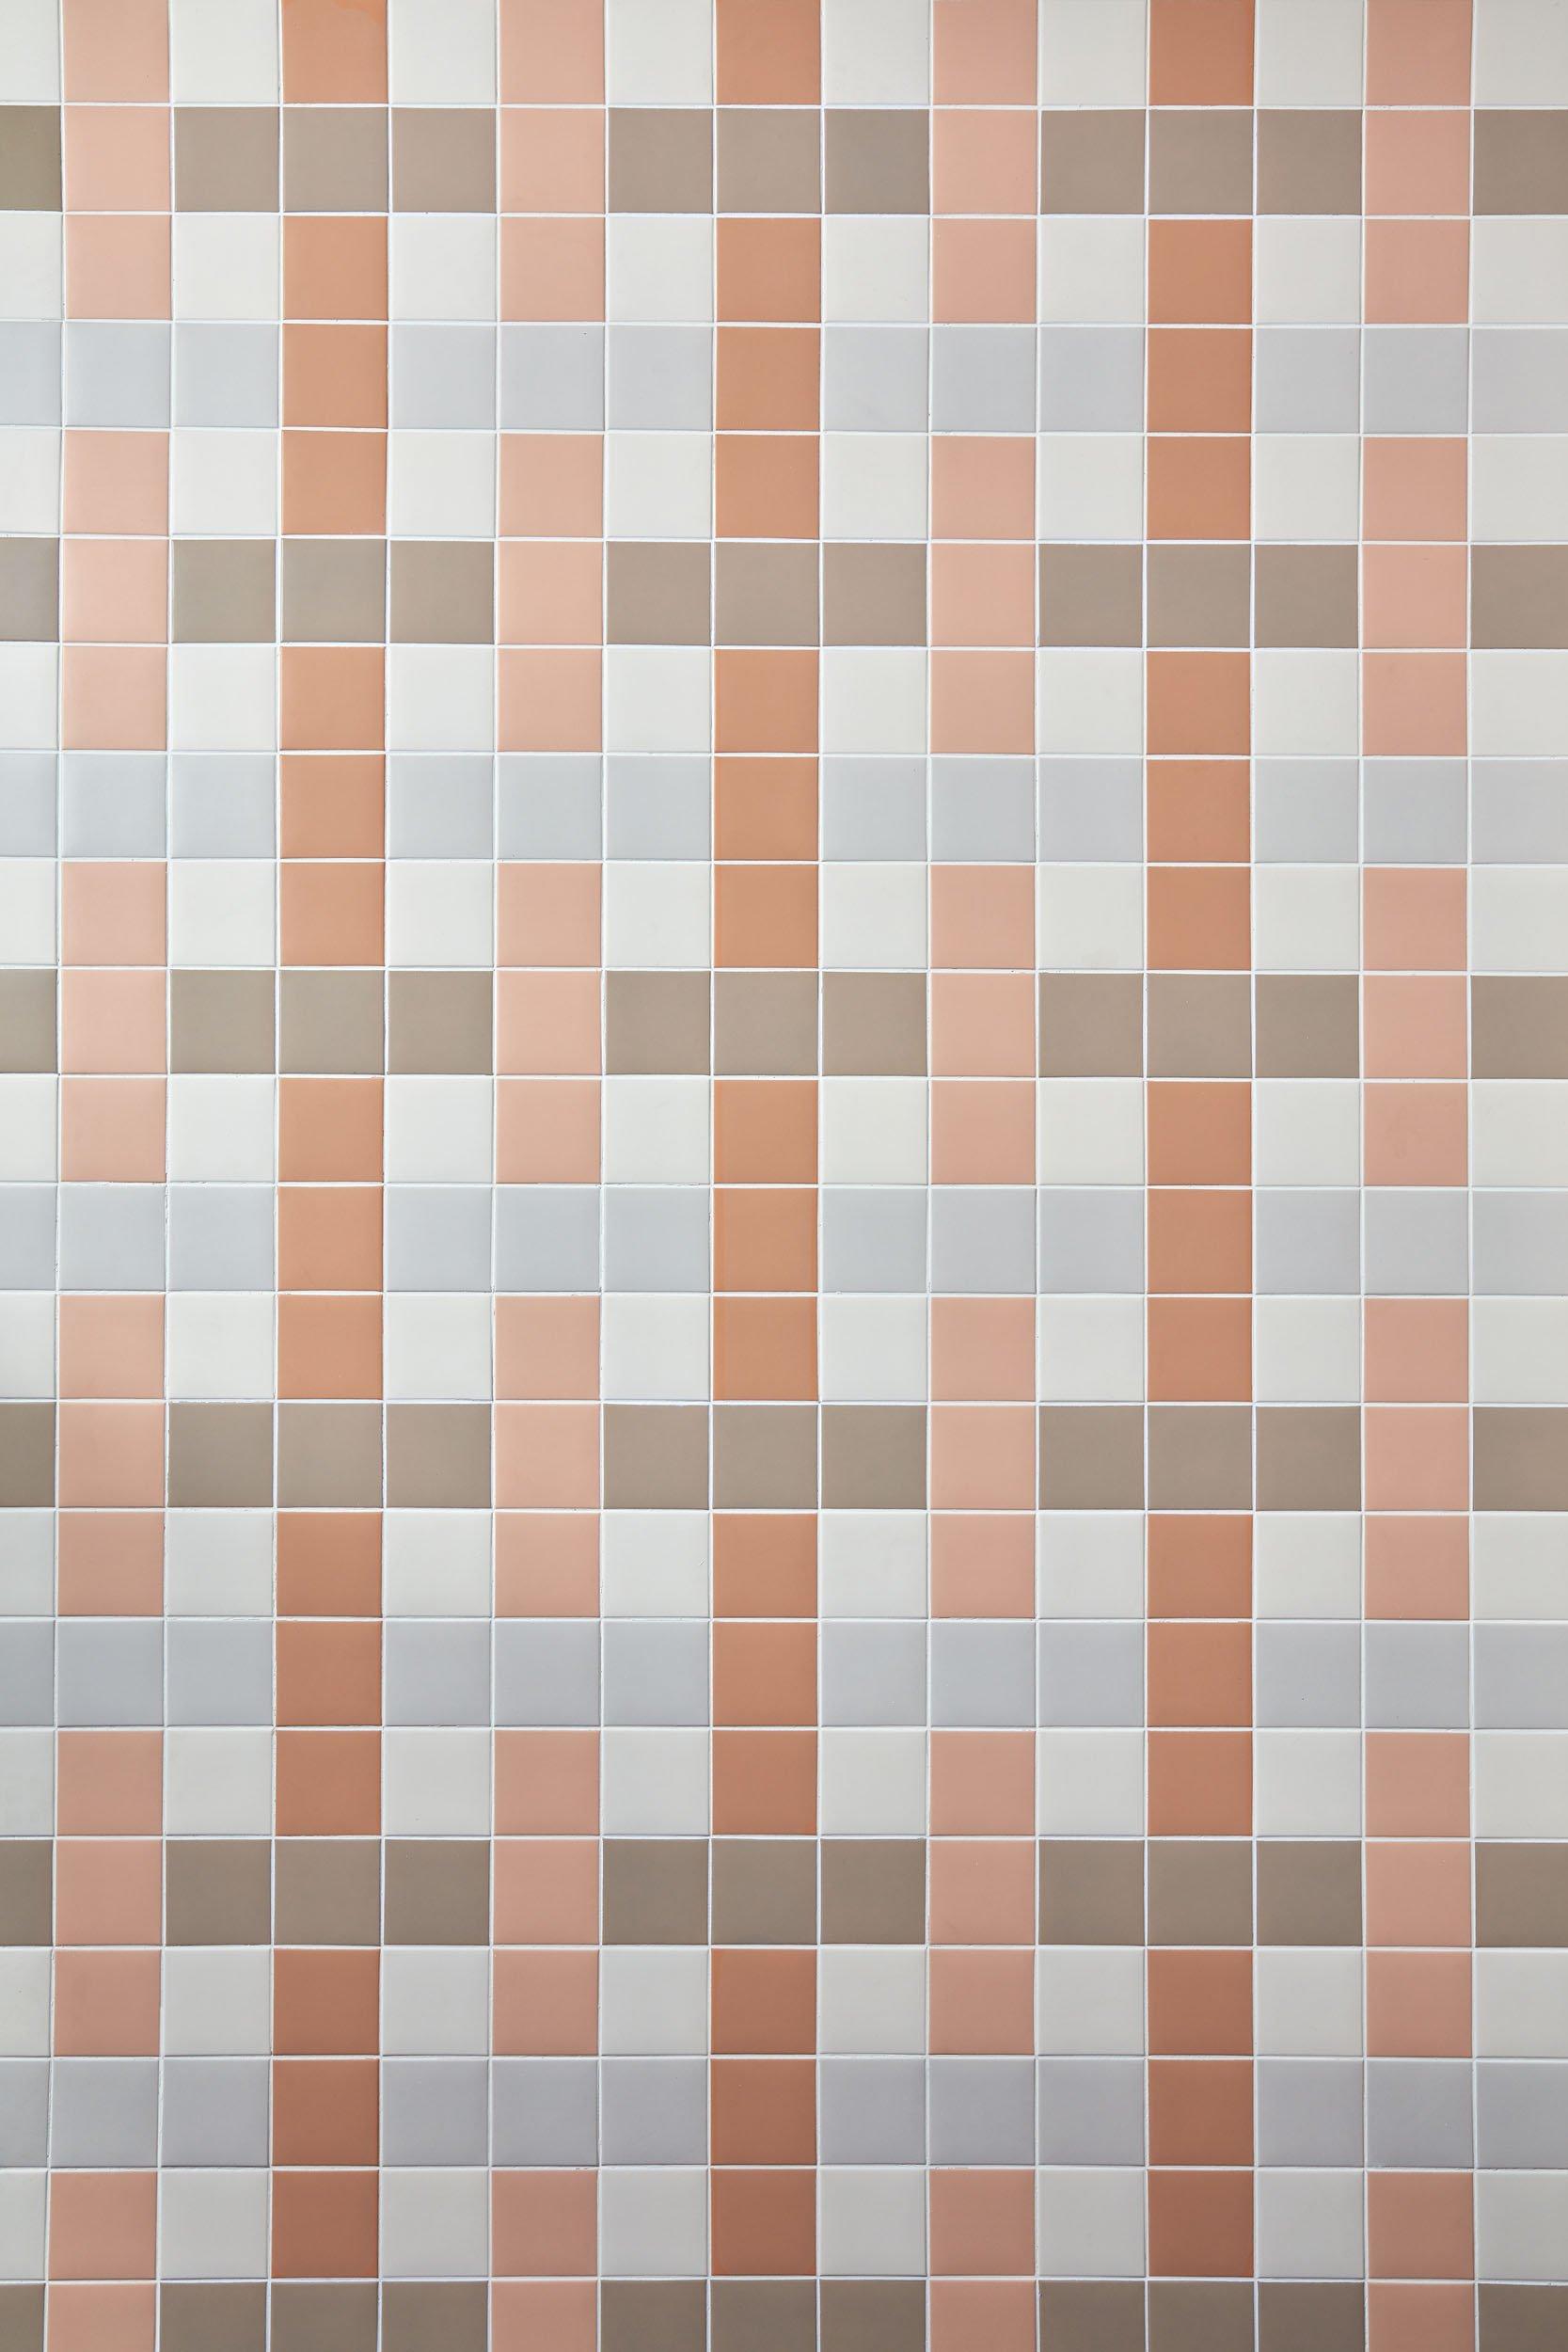 """Pixel41 11,55x11,55 5""""x5"""", 11 Powder - 12 Terra - 20 Almond - 22 Pearl - 24 Mud"""